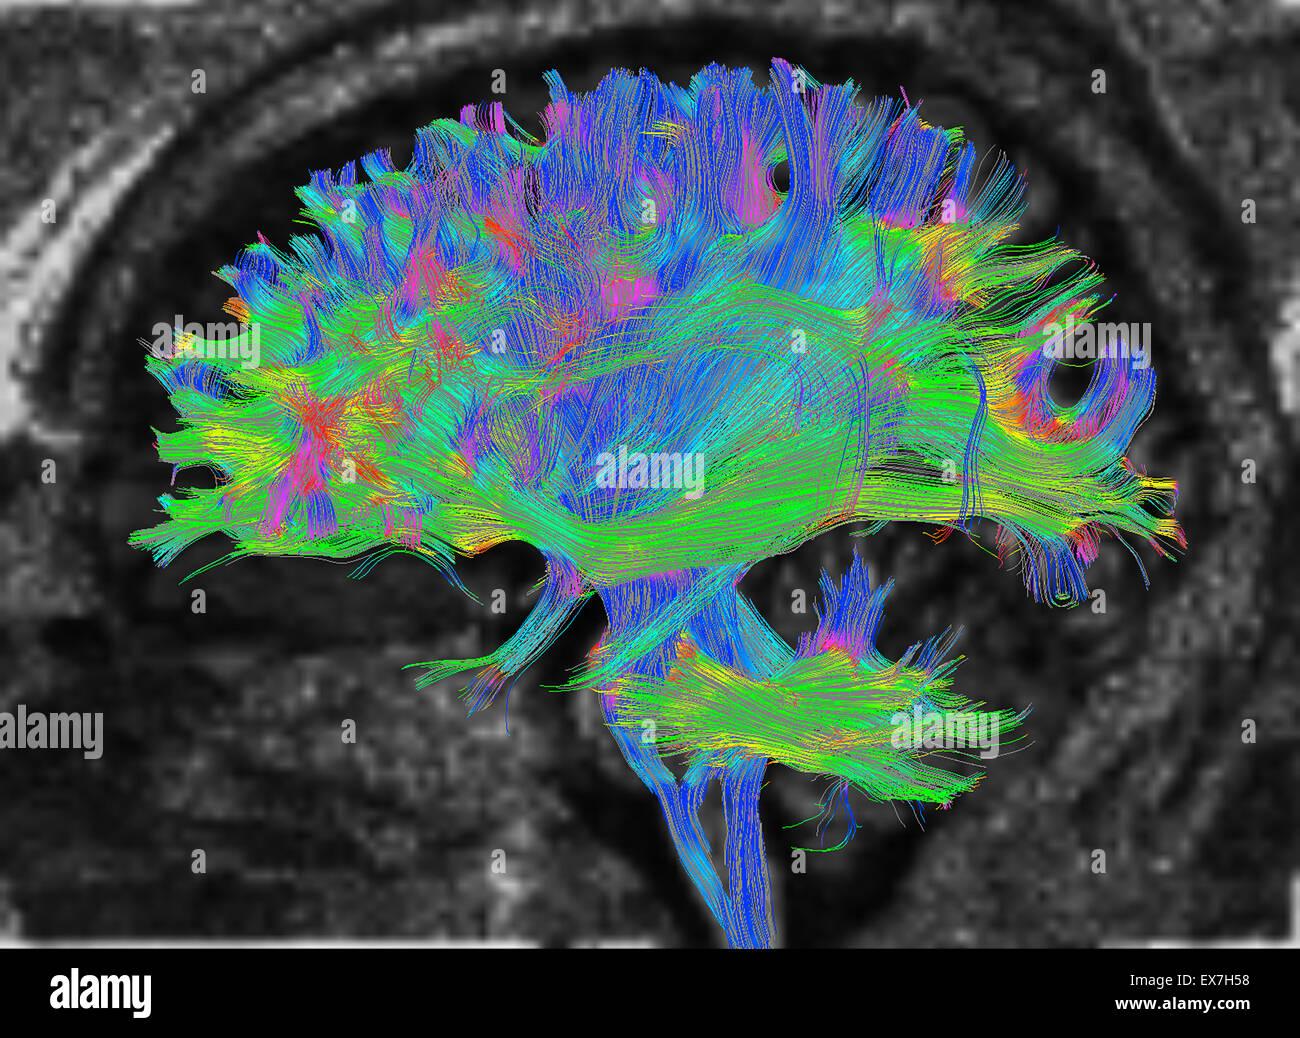 Tractografía fibra imagen del cerebro humano Imagen De Stock